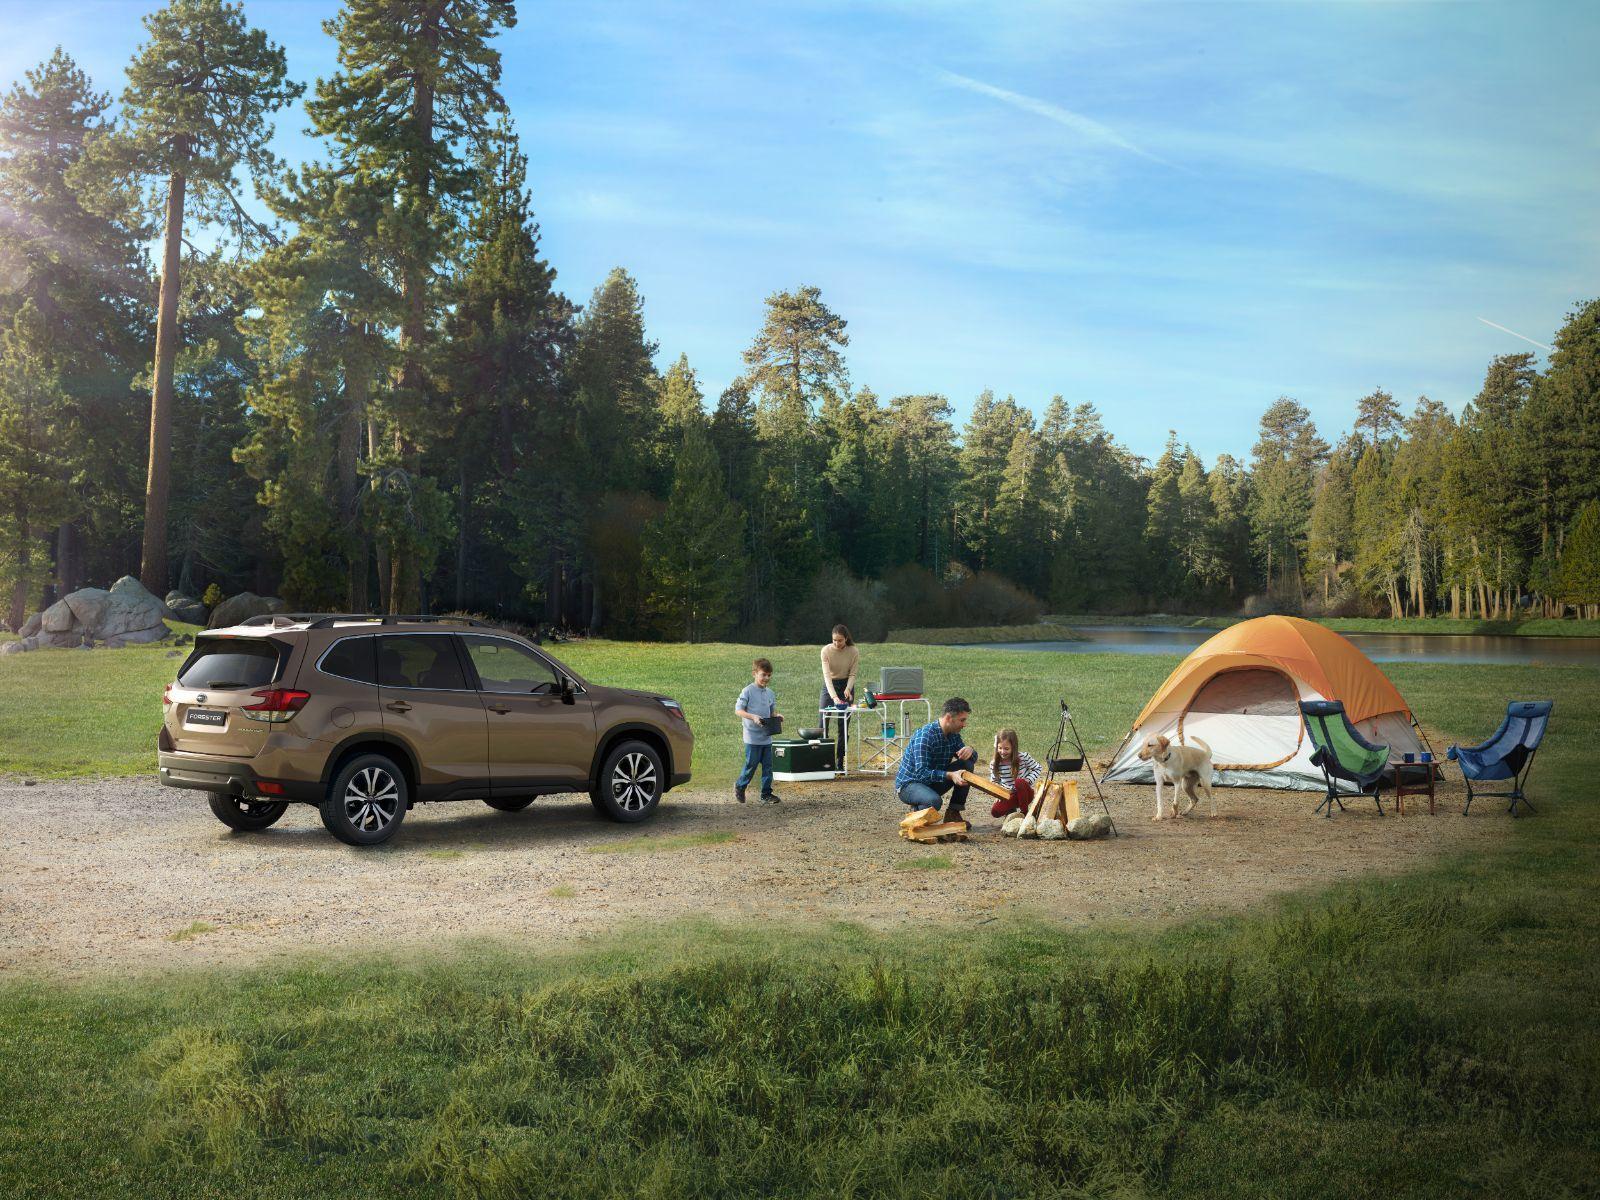 Un aperçu de la gamme des VUS Subaru 2019